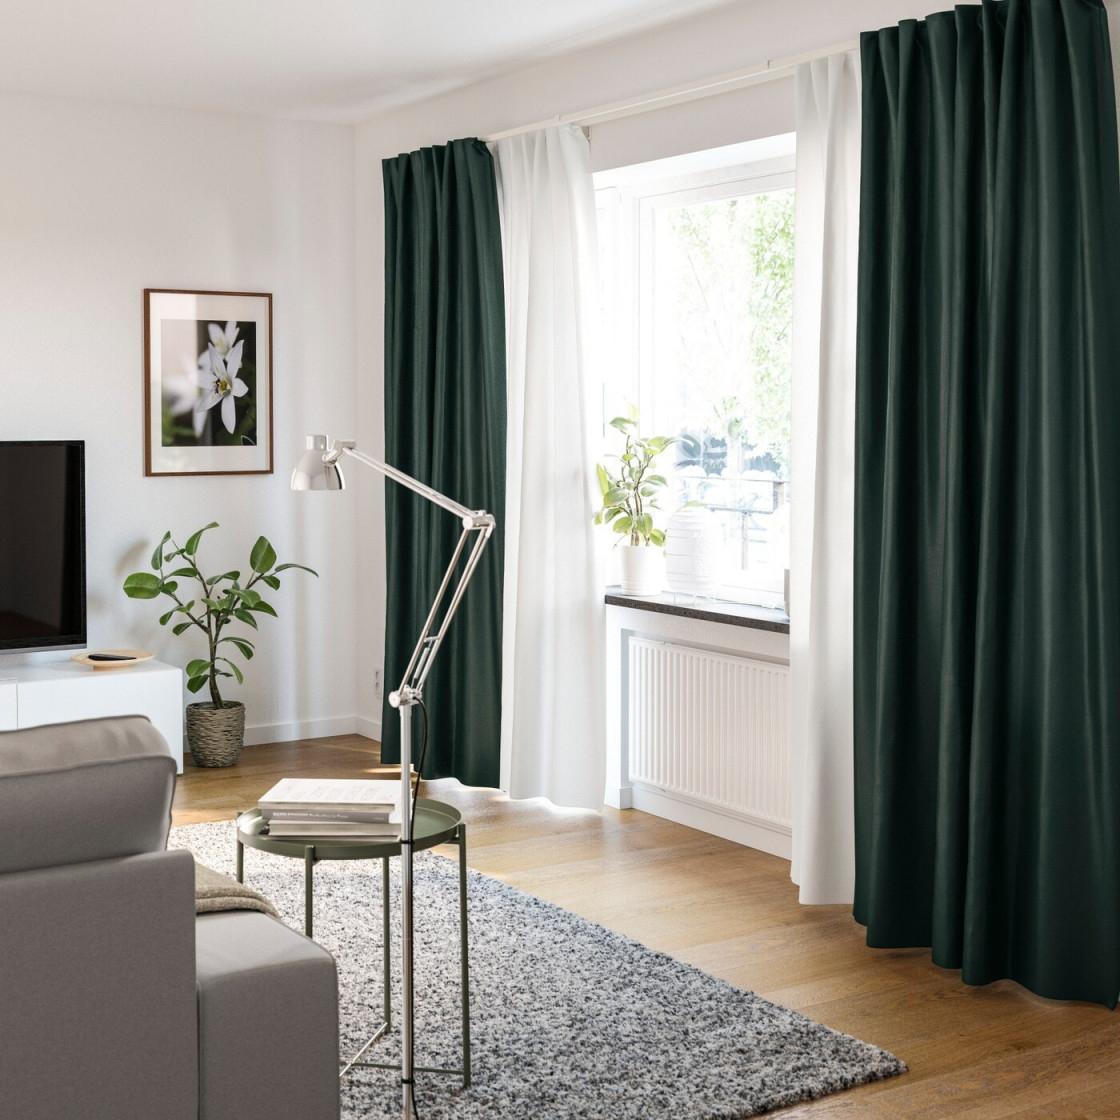 Gardinenideen Inspirationen Für Dein Zuhause  Ikea von Design Gardinen Wohnzimmer Photo